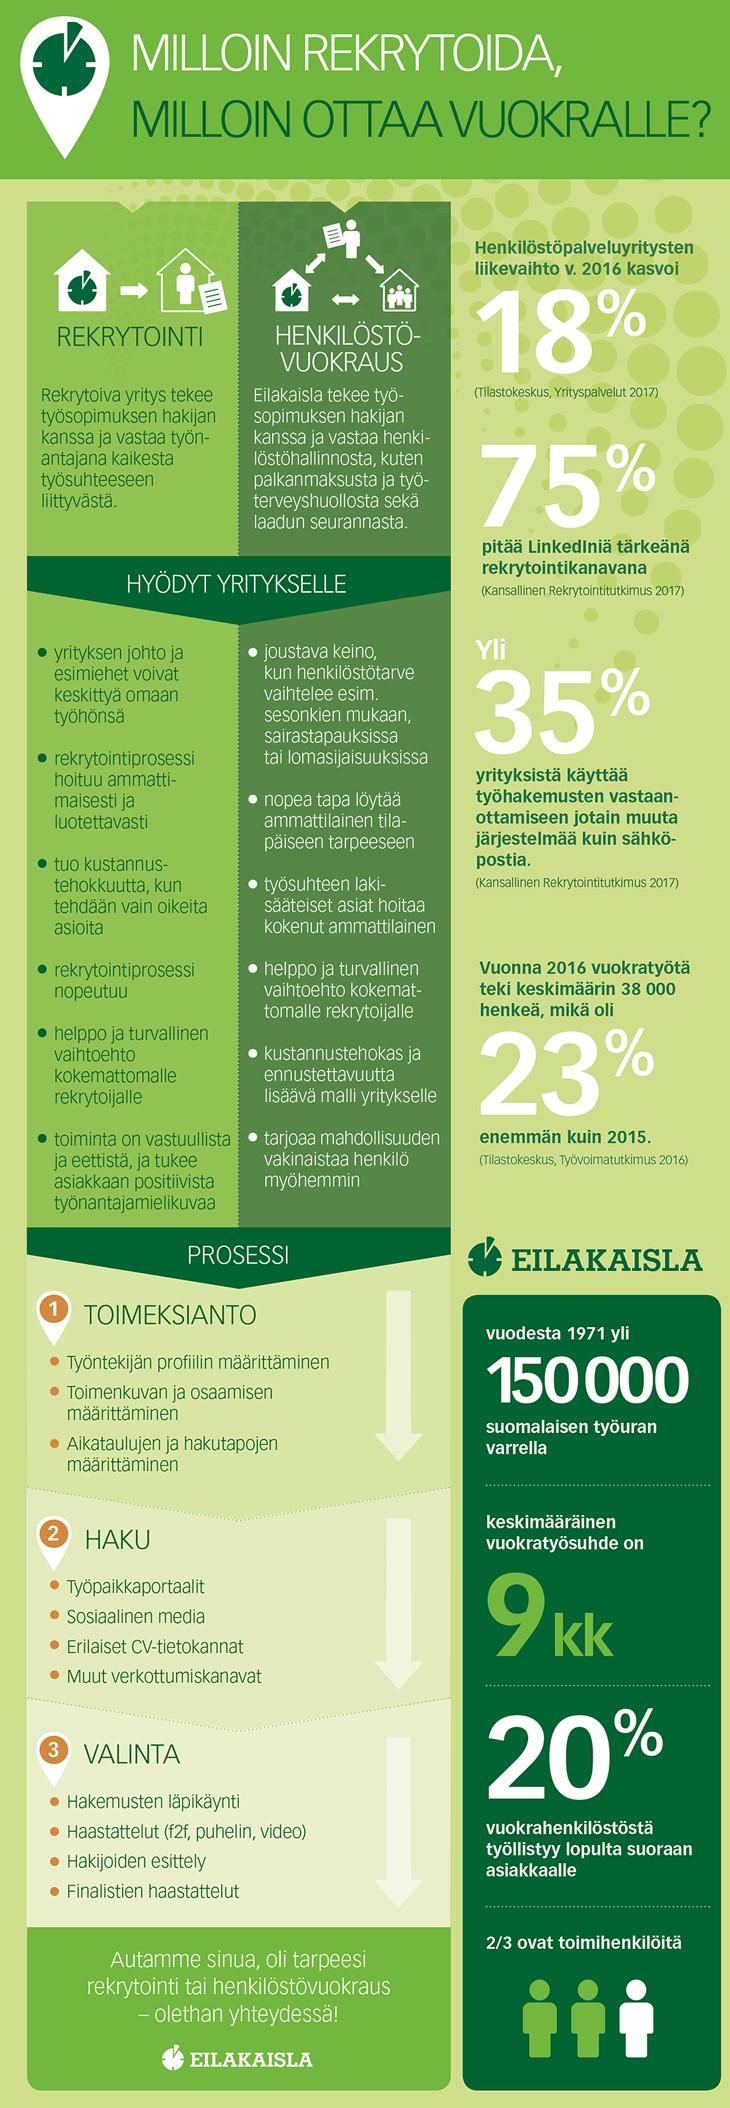 Milloin-rekrytoida-milloin-ottaa-vuokralle-infograafi.png